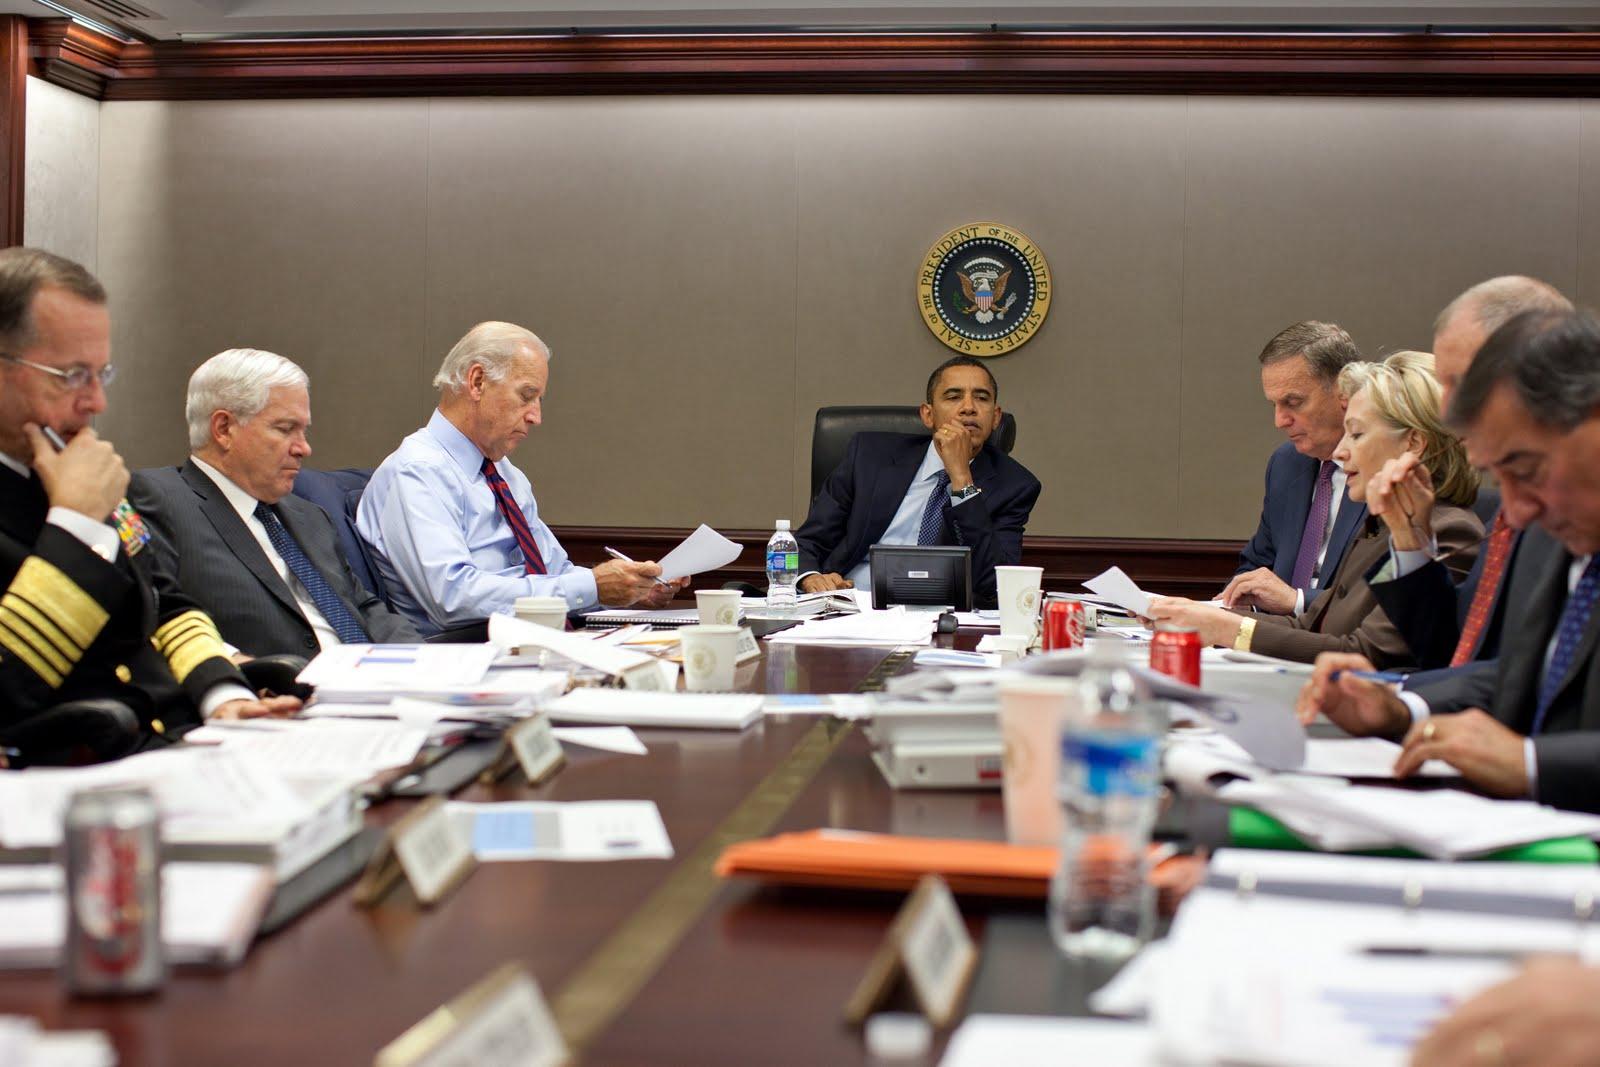 Numa reunião de cúpula da Casa Branca nos Estados Unidos. Presidente Barack Obama, está ao centro, e ao seu lado, diversas autoridades do governo americano. entre elas Hillary Clinton.